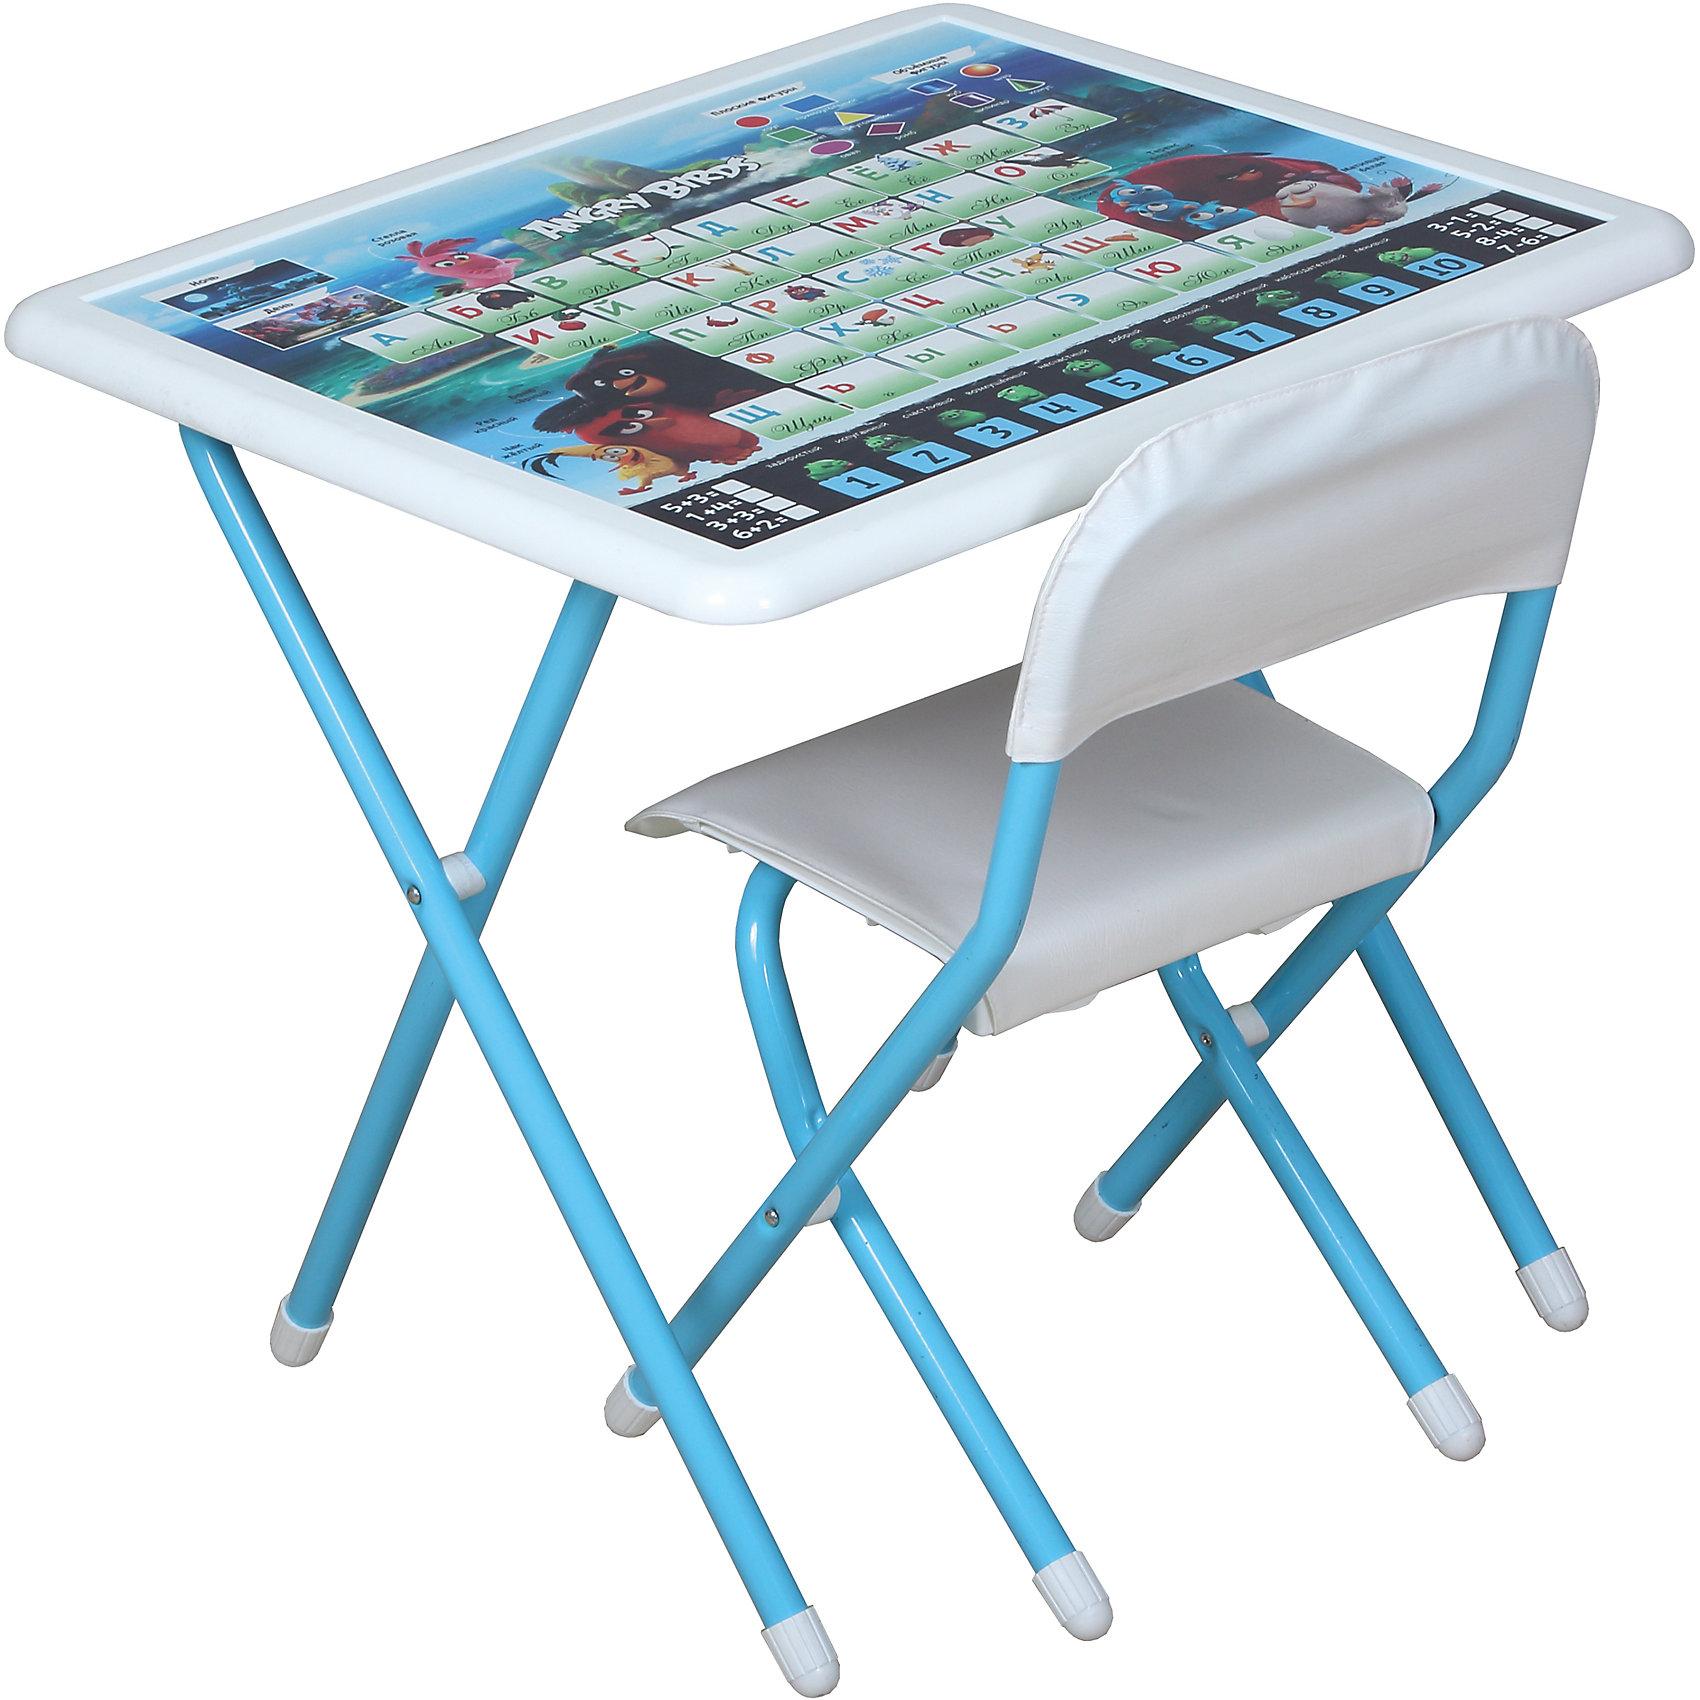 Набор складной мебели Энгри Бердс, ДэмиДетские столы и стулья<br>Набор складной мебели Энгри Бердс, Дэми.<br><br>Характеристики:<br><br>• Для детей в возрасте: от 3 до 7 лет<br>• В комплекте: складной стол и стульчик<br>• Материал: прочный пластик, металл, ЛДСП<br>• Цвет: белый, голубой<br>• Размер столешницы: 65х56 см.<br>• Высота стола: 58 см.<br>• Вес: 7 кг.<br><br>Комплект складной мебели 3 ростовой группы (для детей 3-7 лет) прекрасно впишется в интерьер любой детской. Стол, фактически, представляет собой 3 в 1: можно играть, можно есть, можно обучаться! На поверхность столешницы нанесены обучающие рисунки и любимые персонажи компьютерной игры Энгри Бердс, а по периметру размещен безопасный бампер. Ваш ребенок выучит алфавит и цифры от 1 до 10, научится решать простые примеры, познакомится с геометрическими фигурами, узнает о частях суток (день, ночь). Все материалы, используемые при изготовлении набора, соответствуют ГОСТам, и абсолютно безопасны для здоровья Вашего малыша. Рабочая поверхность стола, сиденье и спинка стула сделаны из прочной пластмассы, края закруглены.  Устойчивые металлические ножки имеют пластмассовые заглушки. Кроме этого, за мебелью очень легко ухаживать. Вы сможете приучать ребенка к порядку с самых ранних лет. Детям наверняка очень понравится этот комплект - настоящий детский рабочий кабинет, а родители, несомненно, оценят его компактность.<br><br>Набор складной мебели Энгри Бердс, Дэми можно купить в нашем интернет-магазине.<br><br>Ширина мм: 770<br>Глубина мм: 740<br>Высота мм: 140<br>Вес г: 8000<br>Возраст от месяцев: 36<br>Возраст до месяцев: 84<br>Пол: Унисекс<br>Возраст: Детский<br>SKU: 5569672